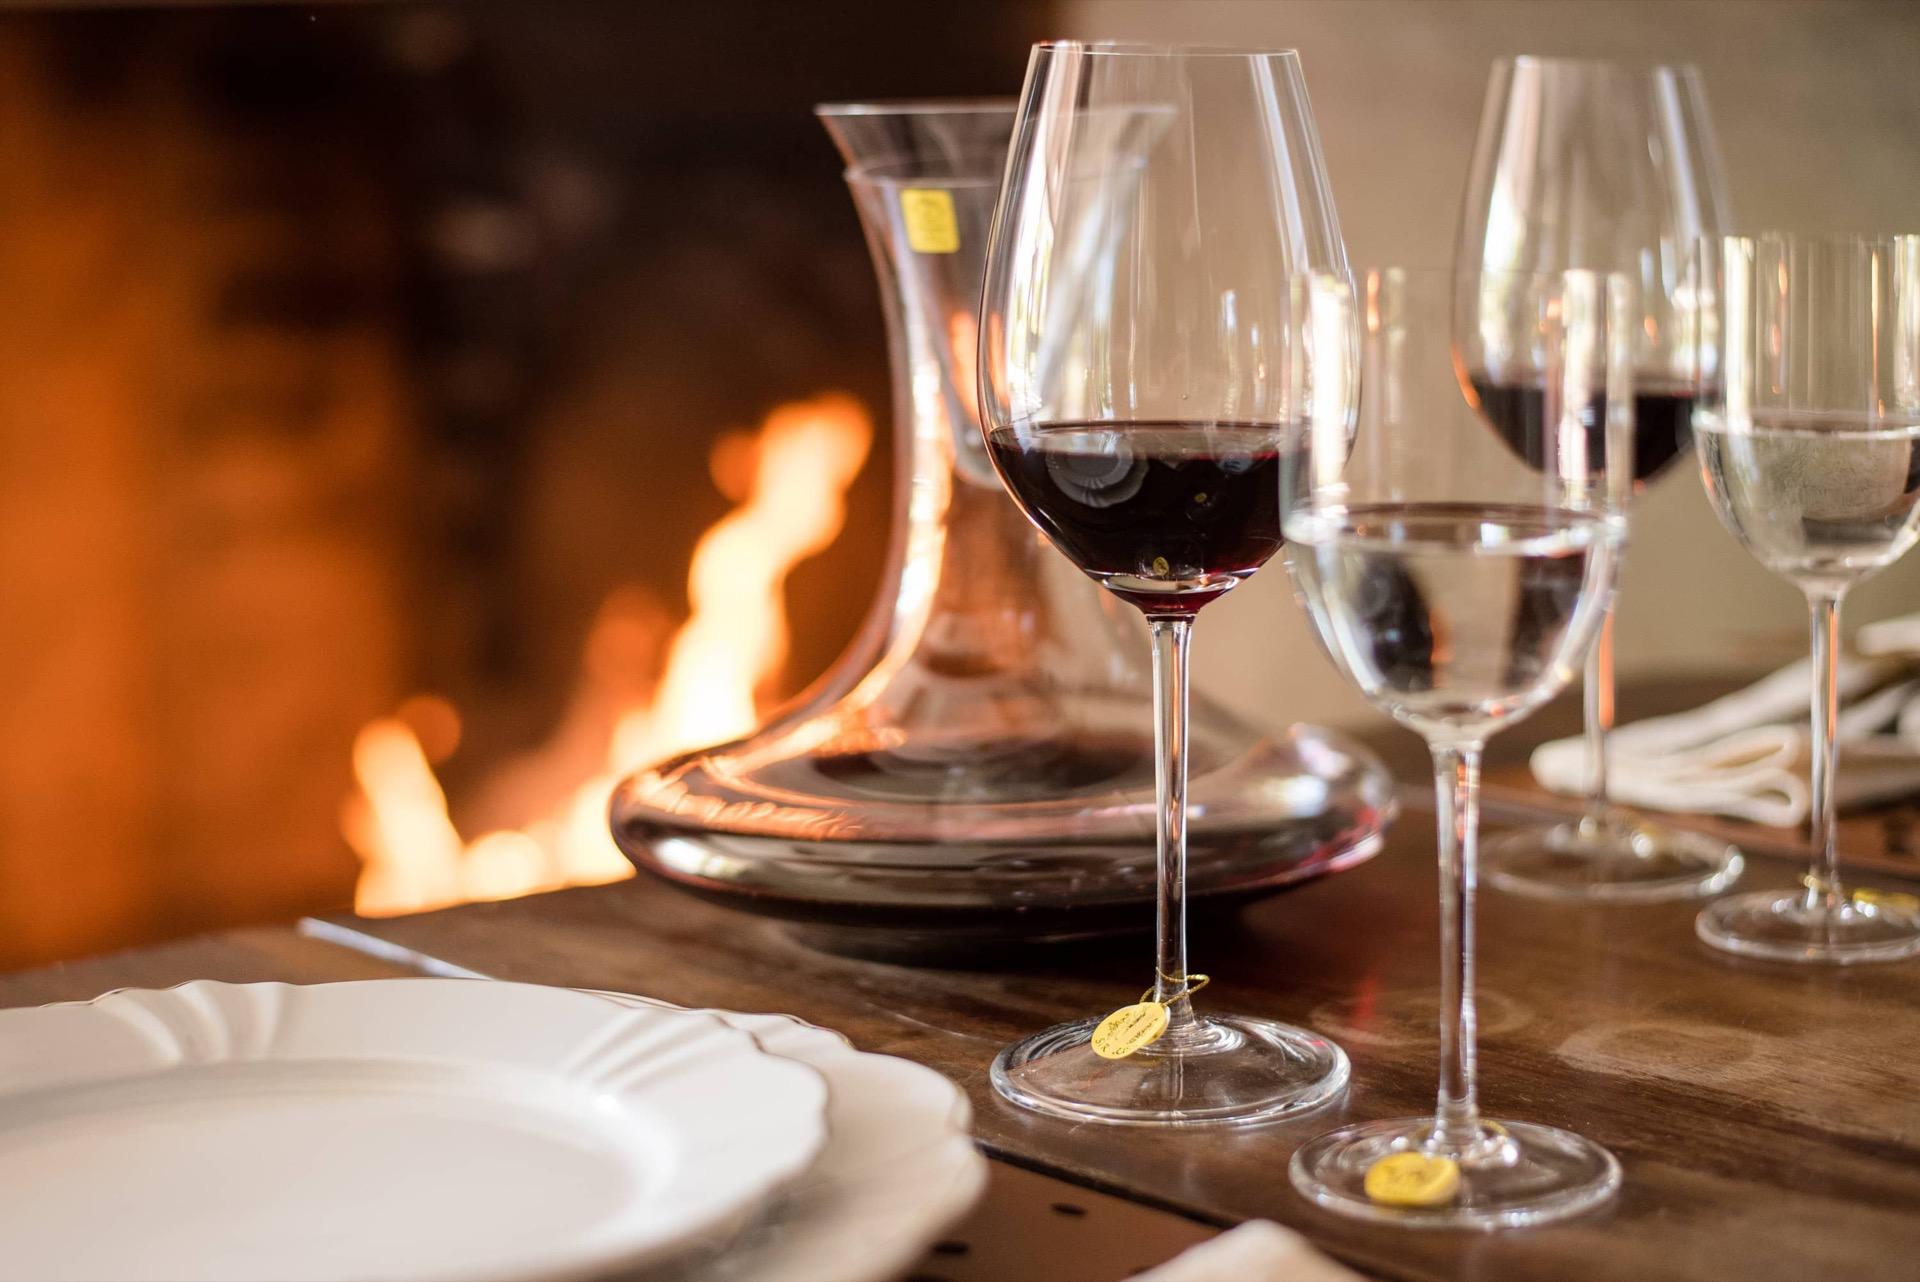 Imagem: Para brindar em grande estilo no almoço de outono: taças de vinho Bordeaux Grand Cru, taças para água, e decanter, tudo de cristal da linha Sommelier da Strauss.Foto: Karla Rudnick